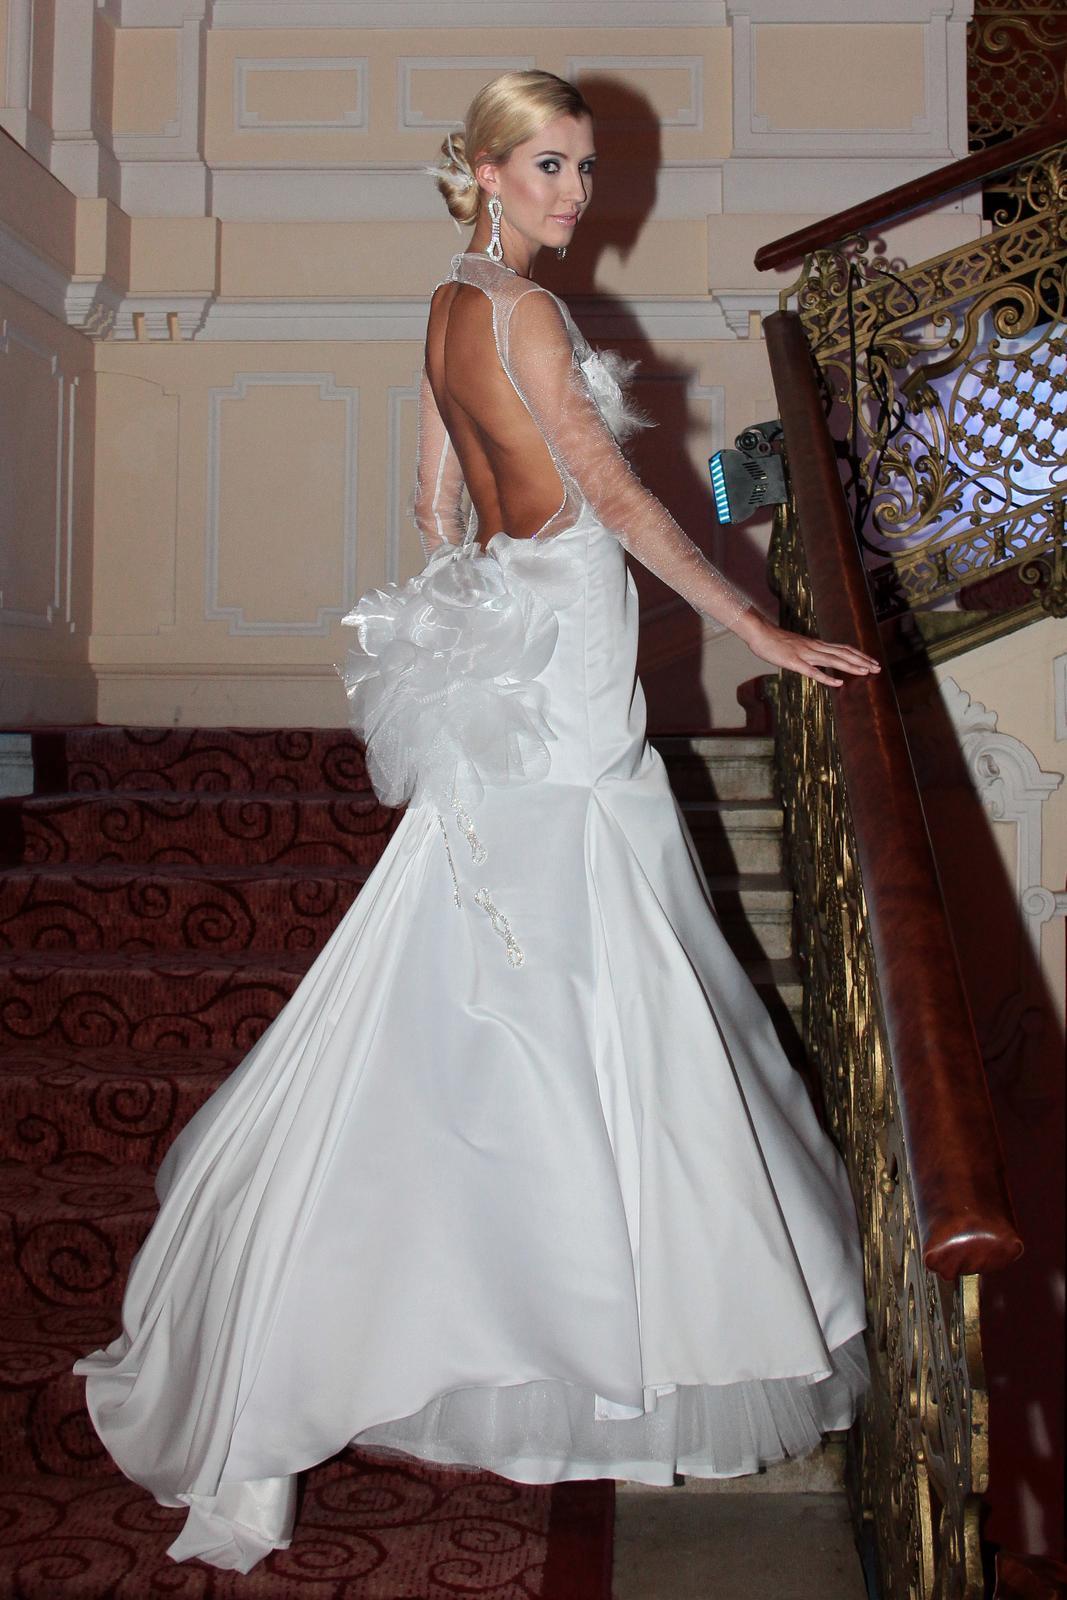 OdvarkaBijoux a Svatební šaty roku - svatební šaty roku z dílny Ivany Brabcové